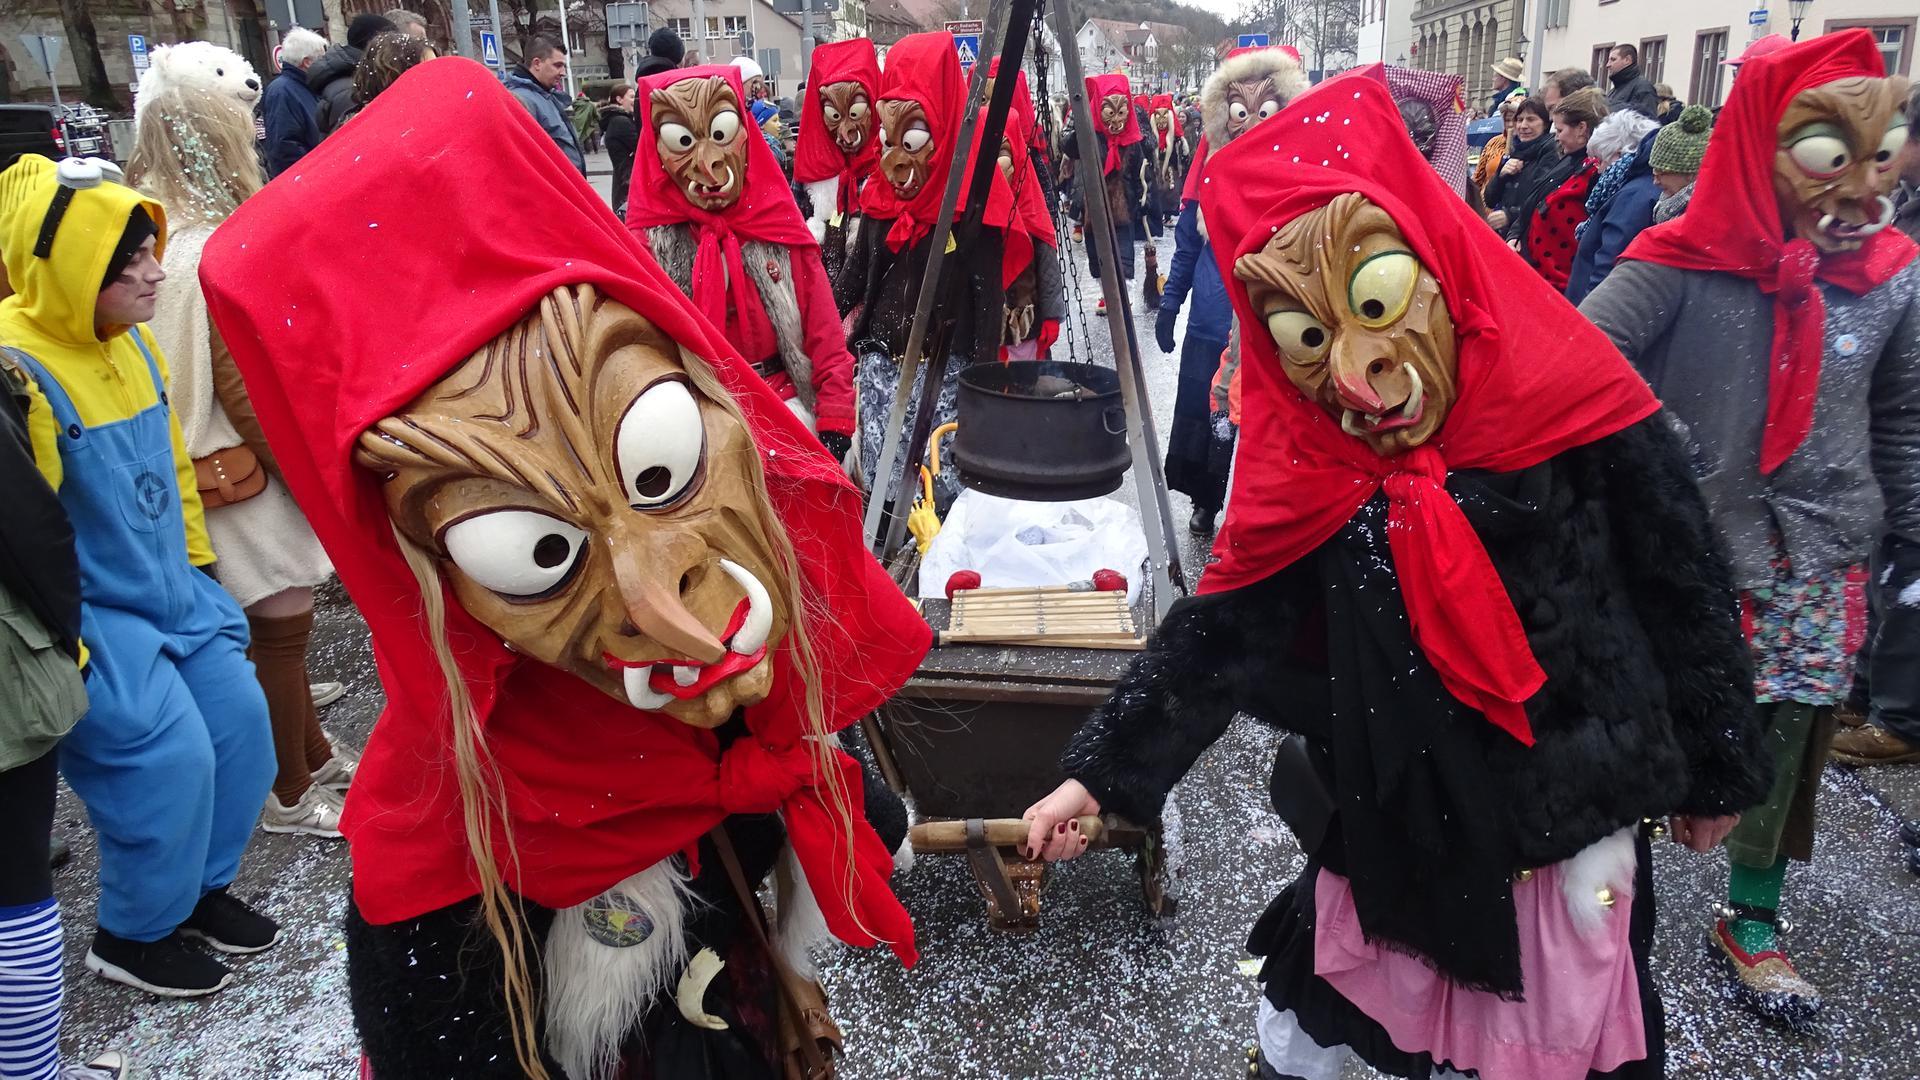 Ein Klassiker: Hexenmasken dürfen auf den Straßen bei den Umzügen nicht fehlen. Darunter verbergen sich oft Mitgieder von Traditionsvereinen. Diese sind Ende Februar in der ganzen Region unterwegs.